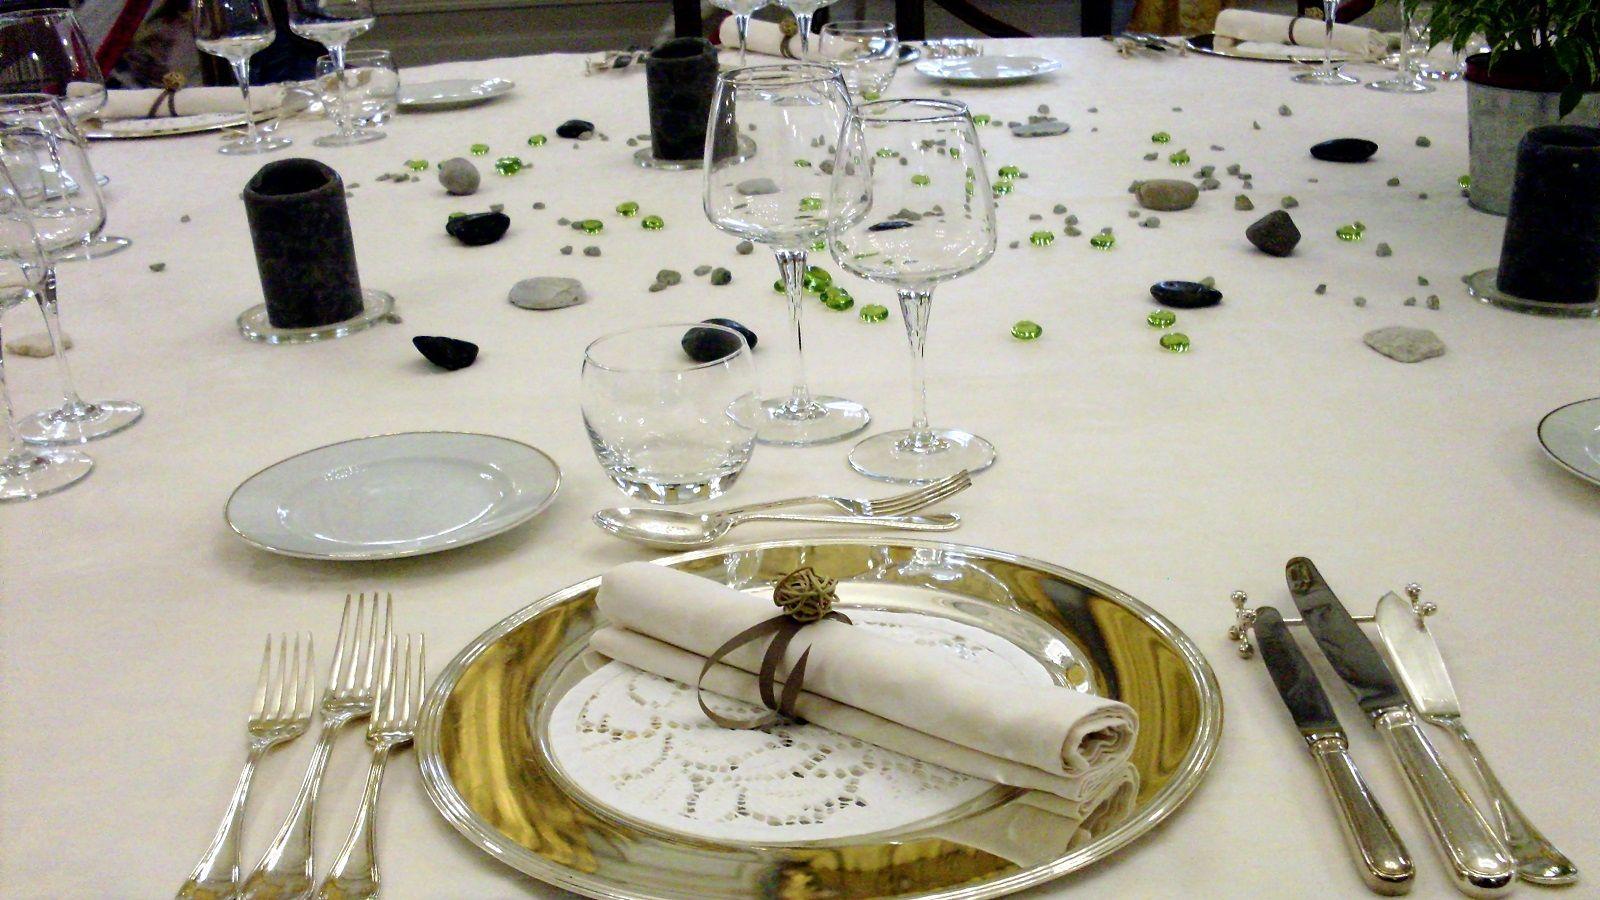 Come Apparecchiare La Tavola Galateo galateo a tavola: dove vanno messi i bicchieri? | bigodino